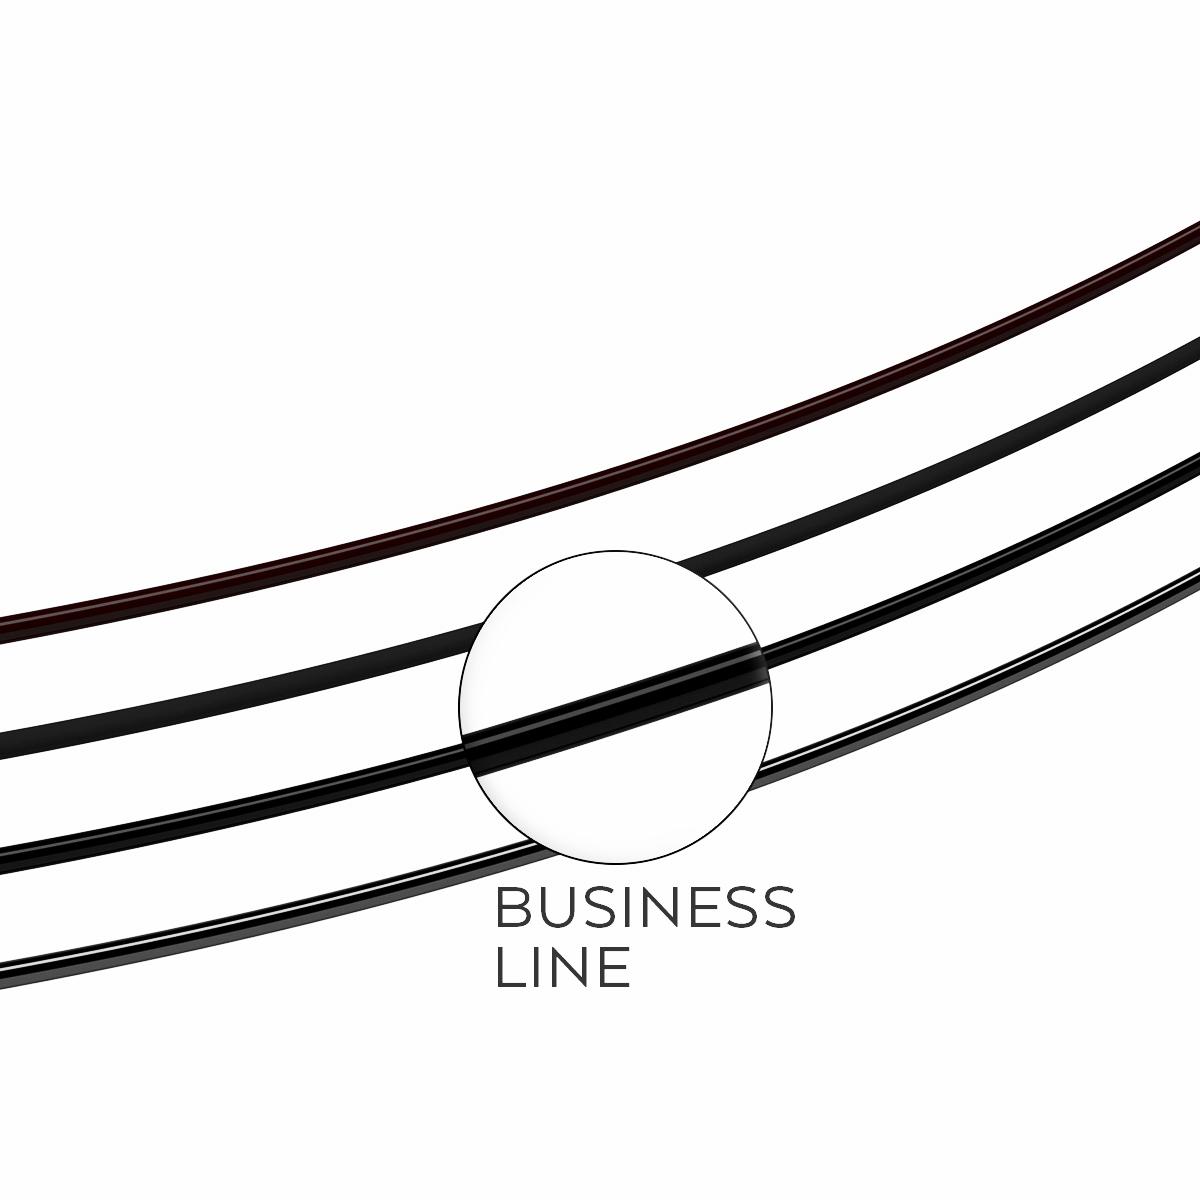 rzesy-business-line-black-b-0-1